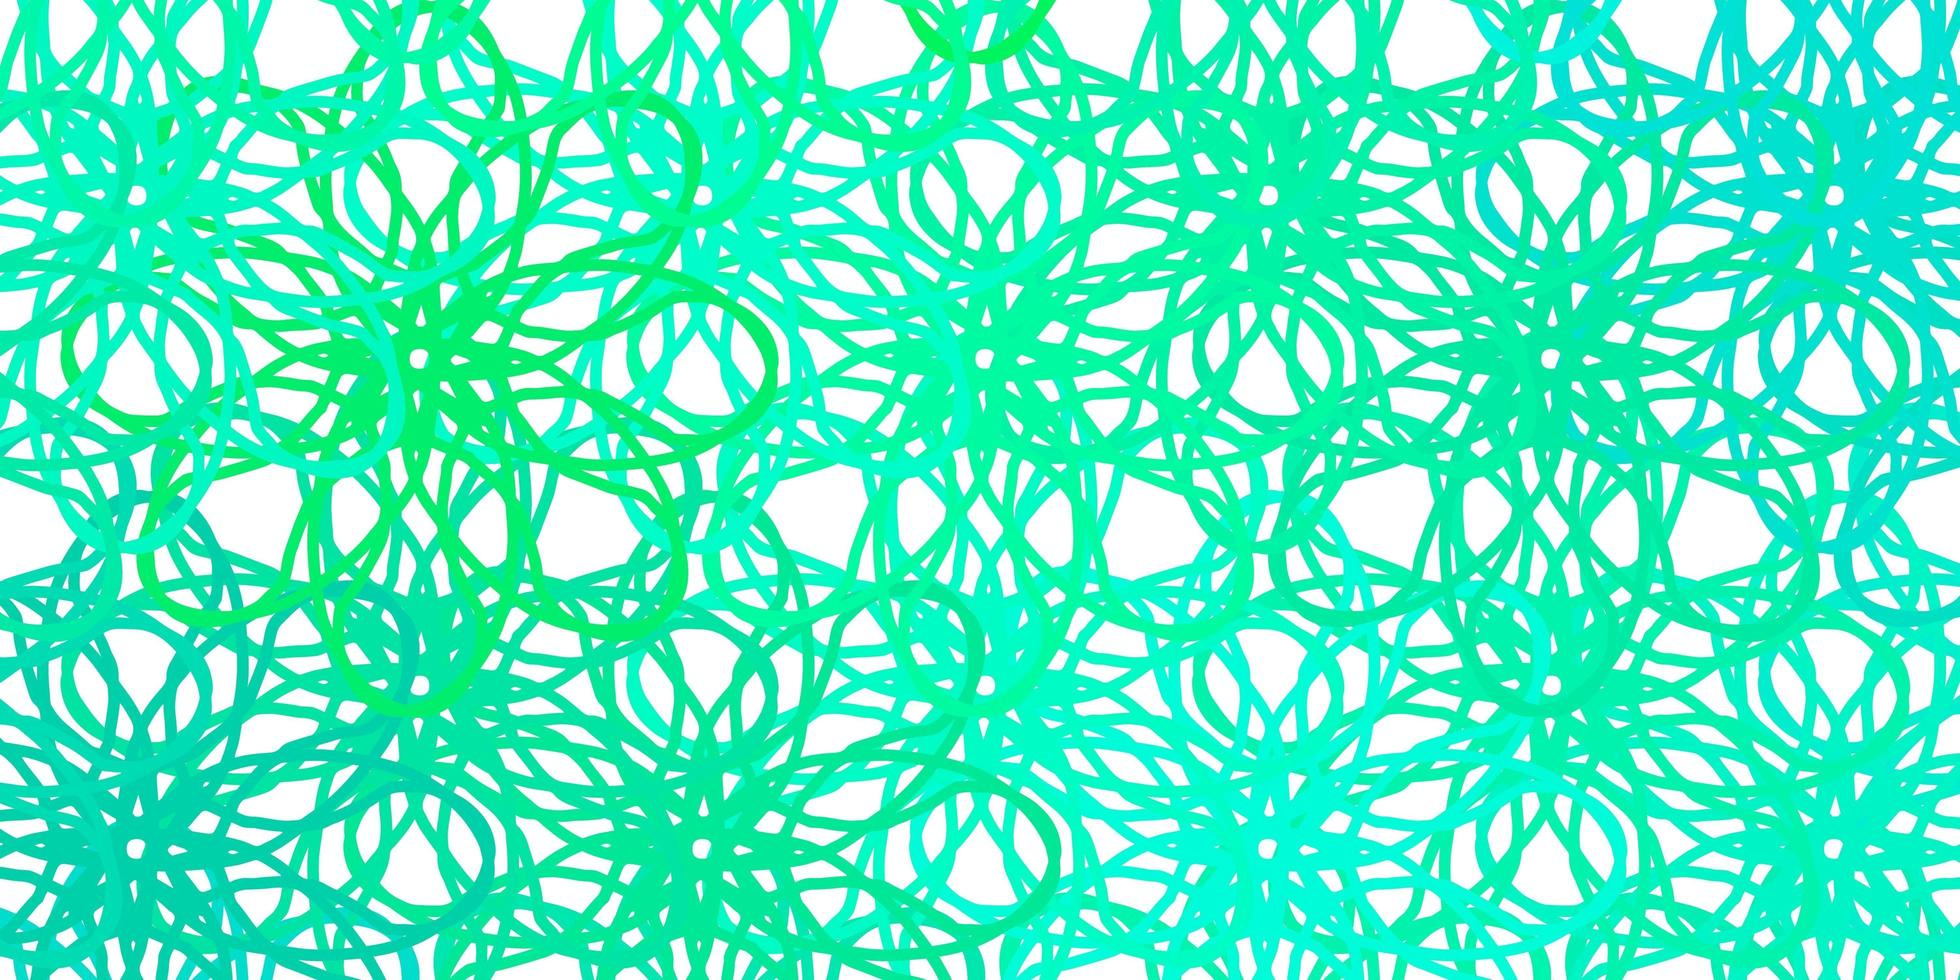 ljusgrön konsistens med kurvor. vektor